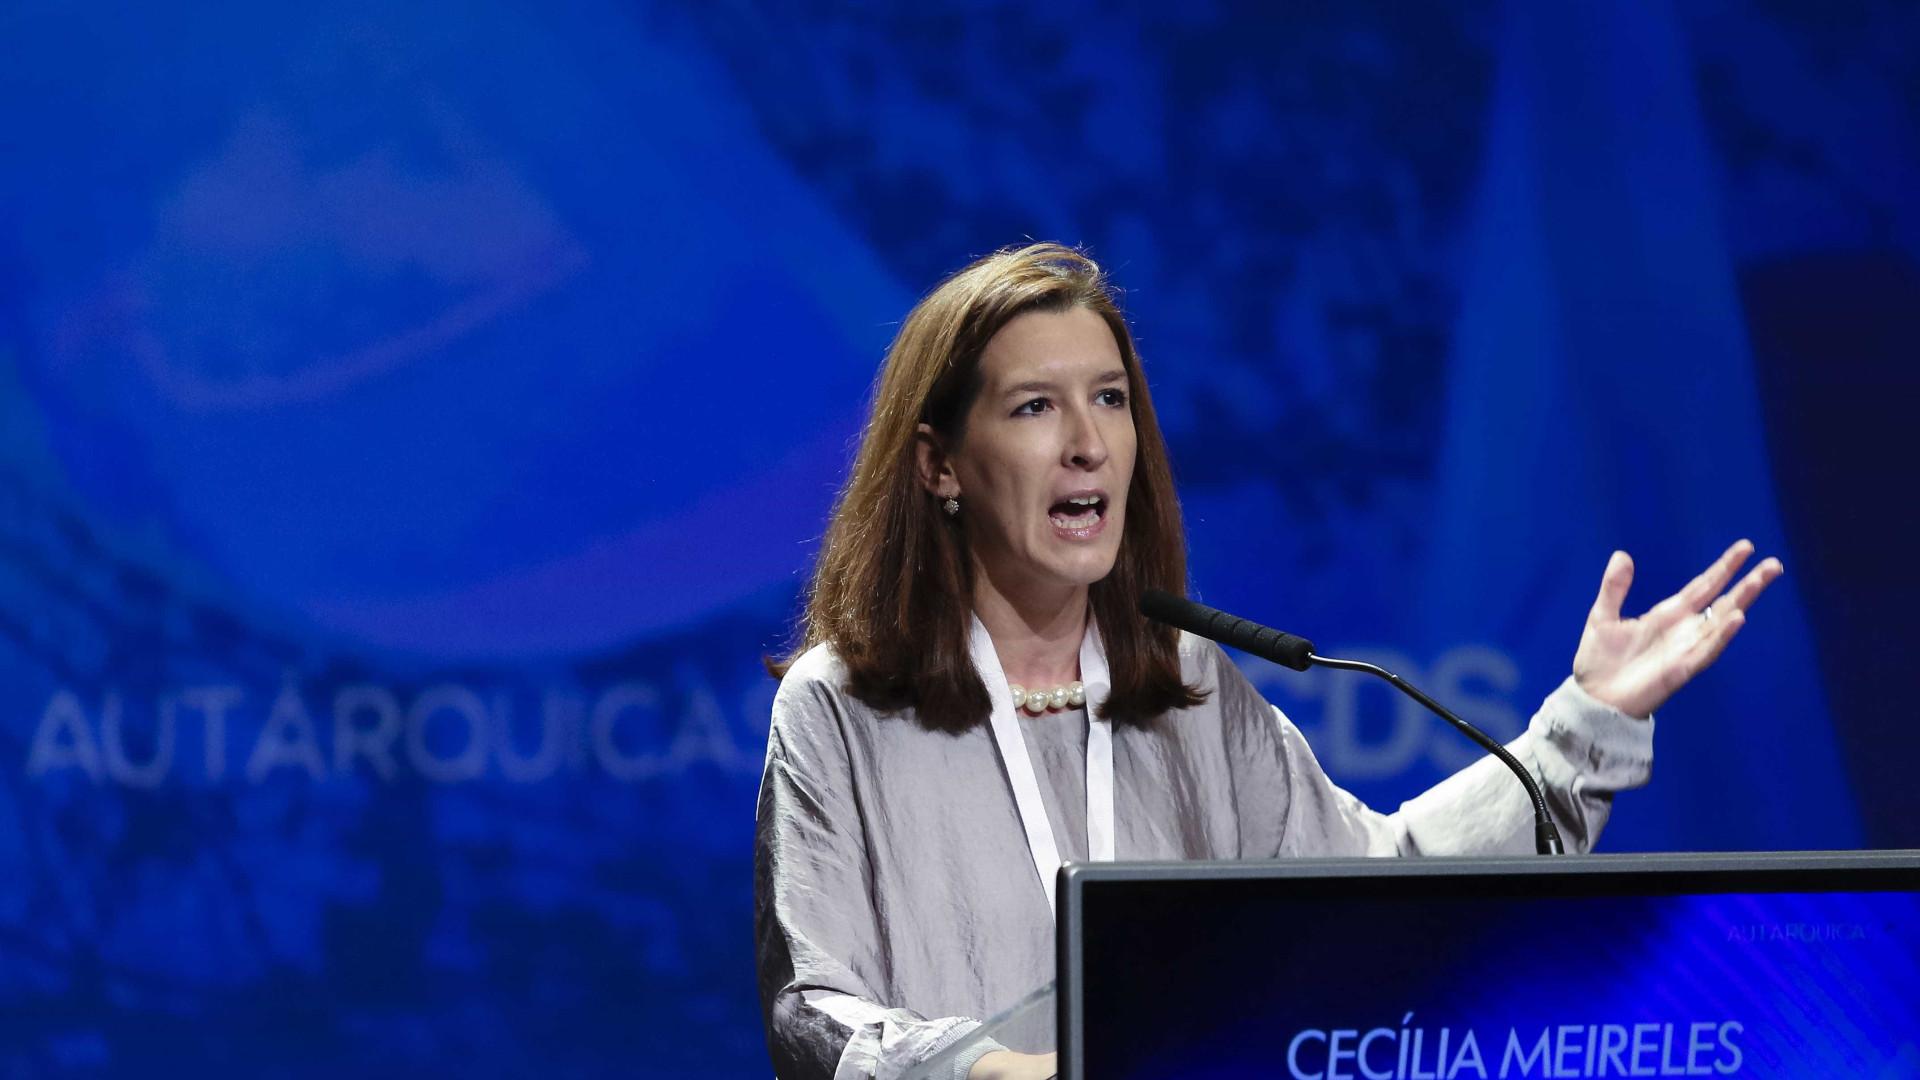 Cecília Meireles assume responsabilidade pela derrota do CDS no Porto